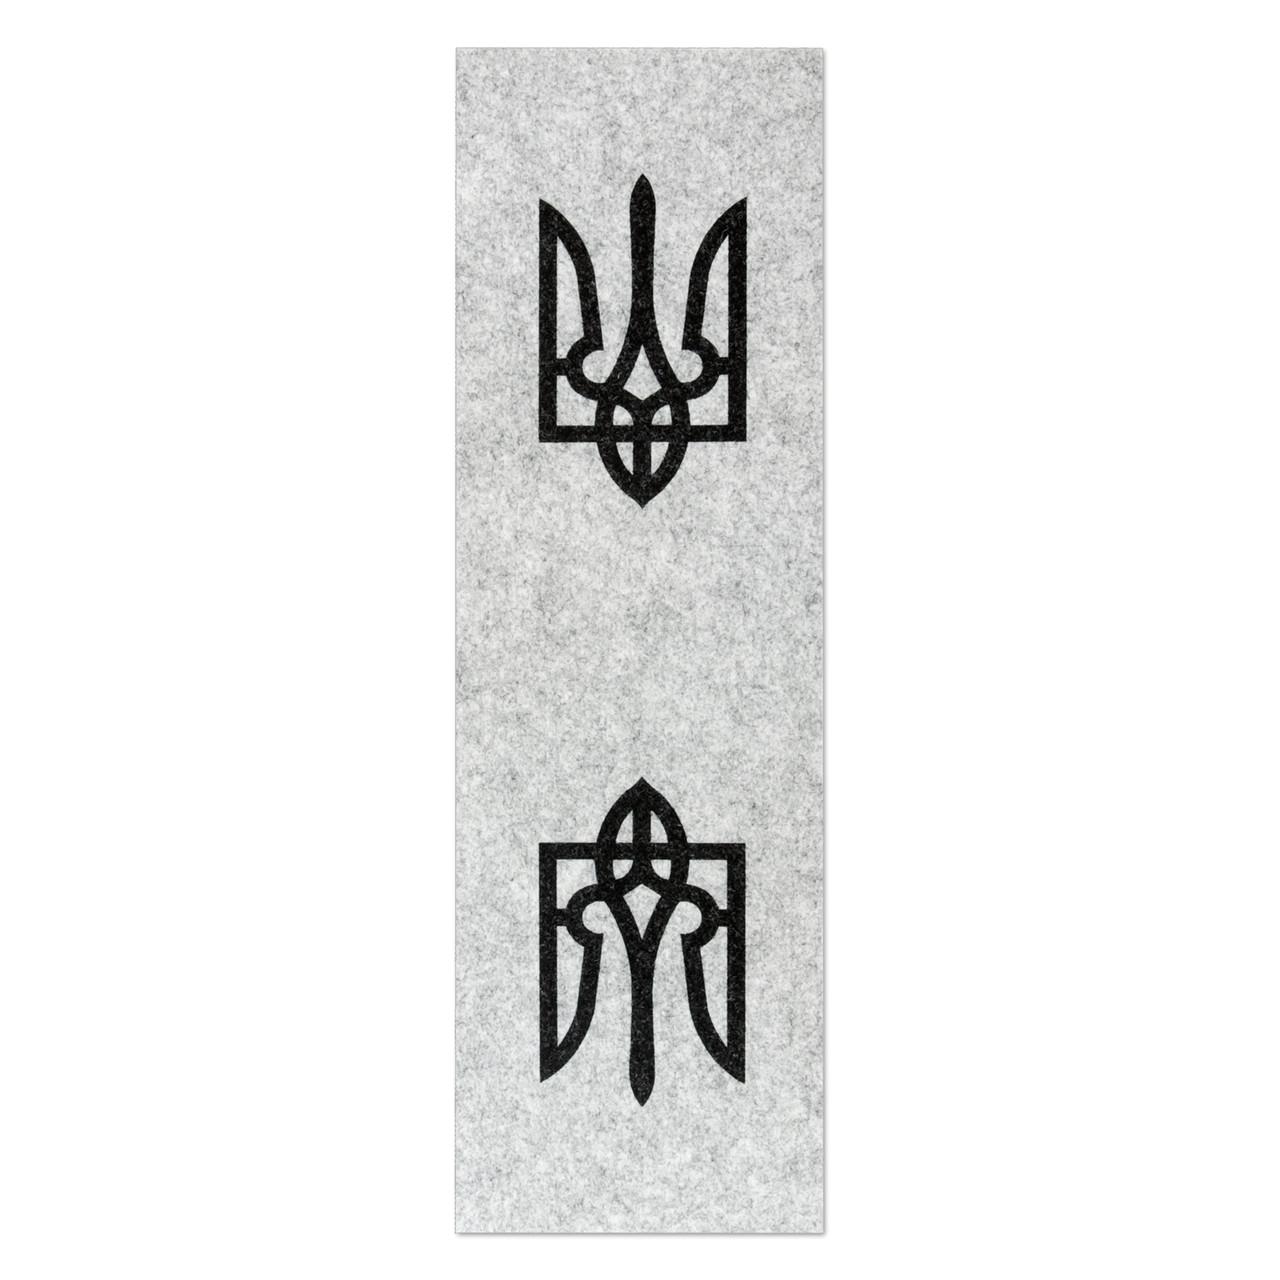 Фетр з принтом ТРИЗУБ, 10x32 см, корейська жорсткий 2 мм